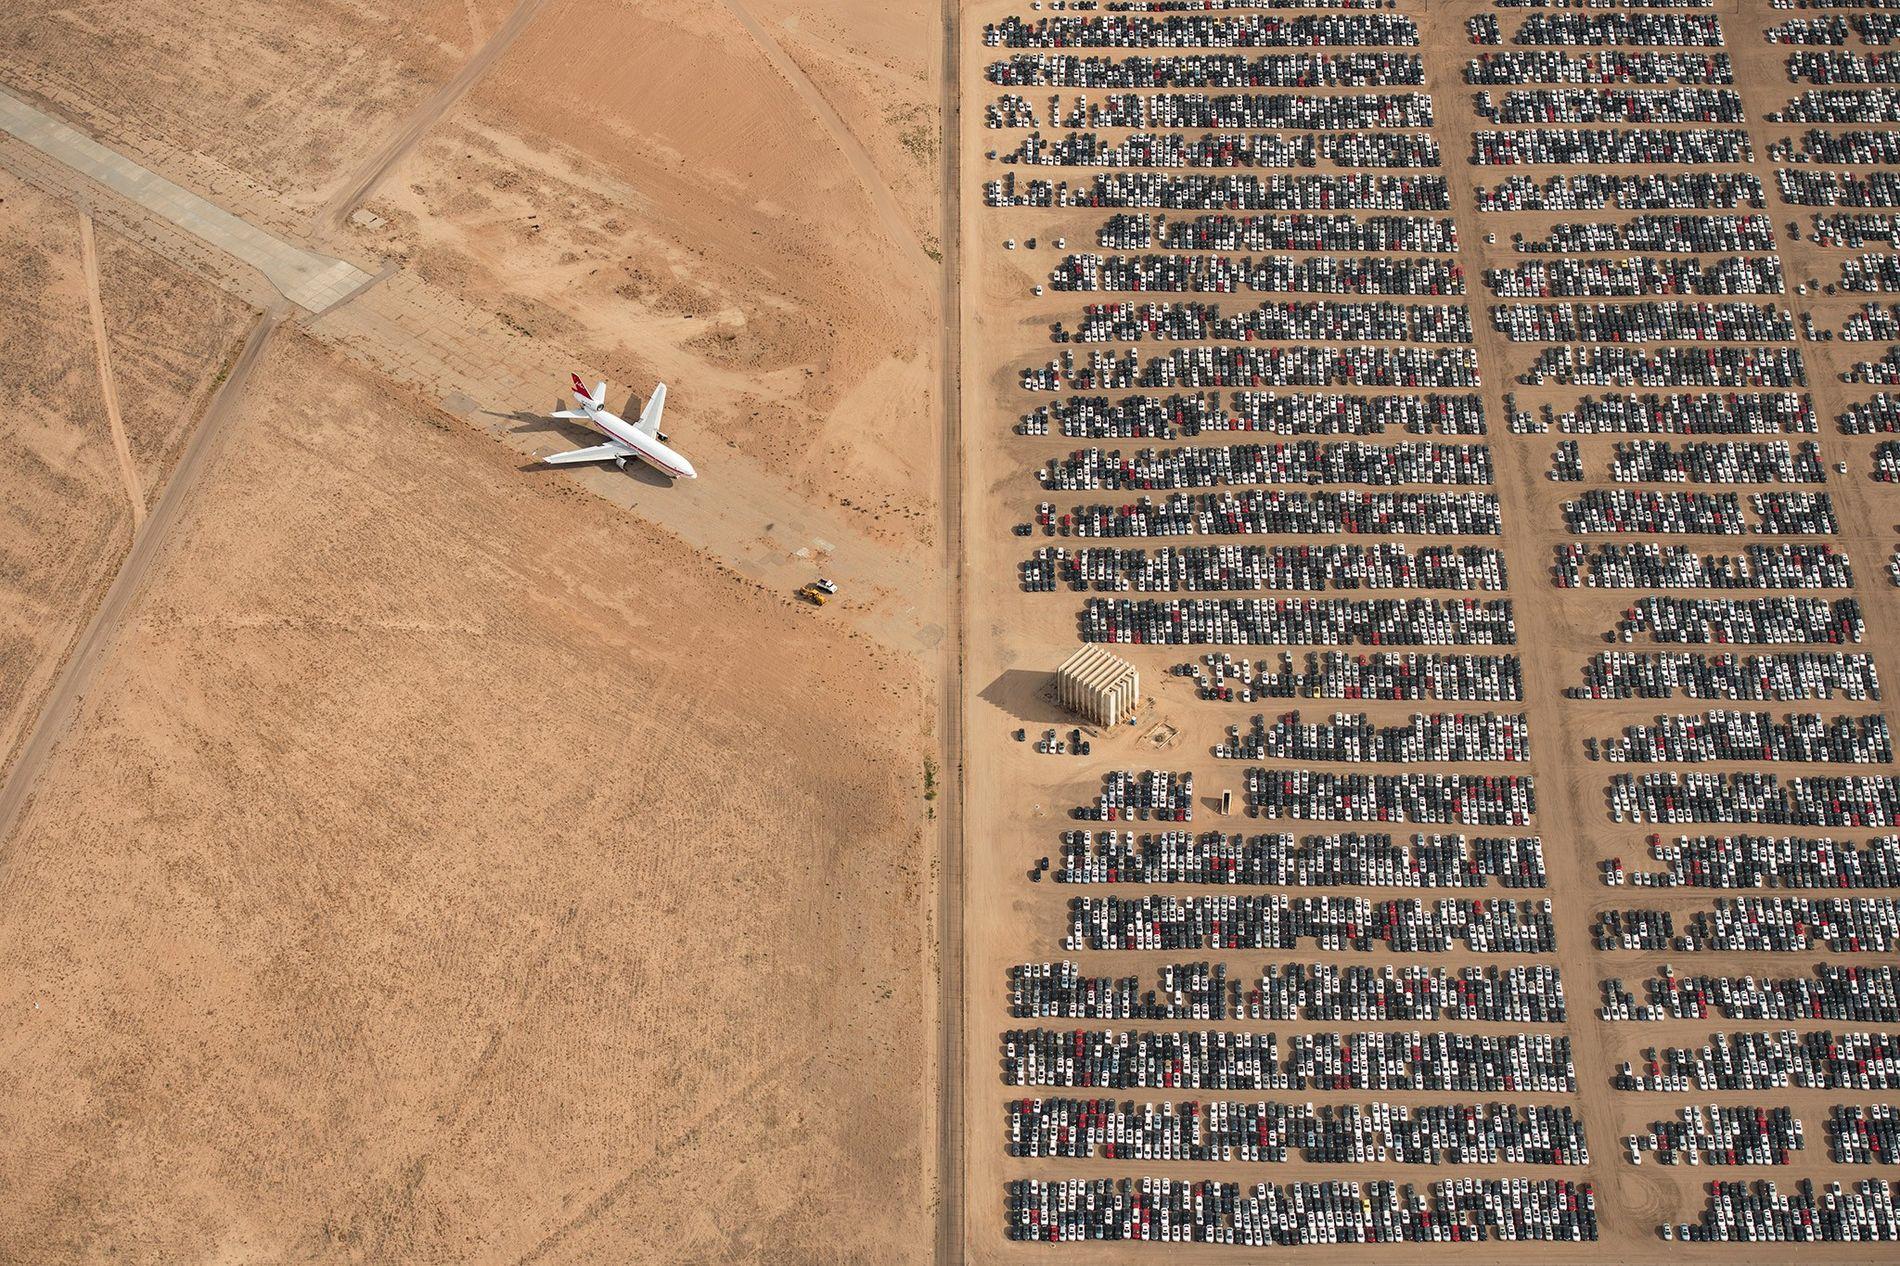 A fotografia vencedora do grande prémio, aqui apresentada, mostra milhares de automóveis Volkswagen e Audi encostados ...